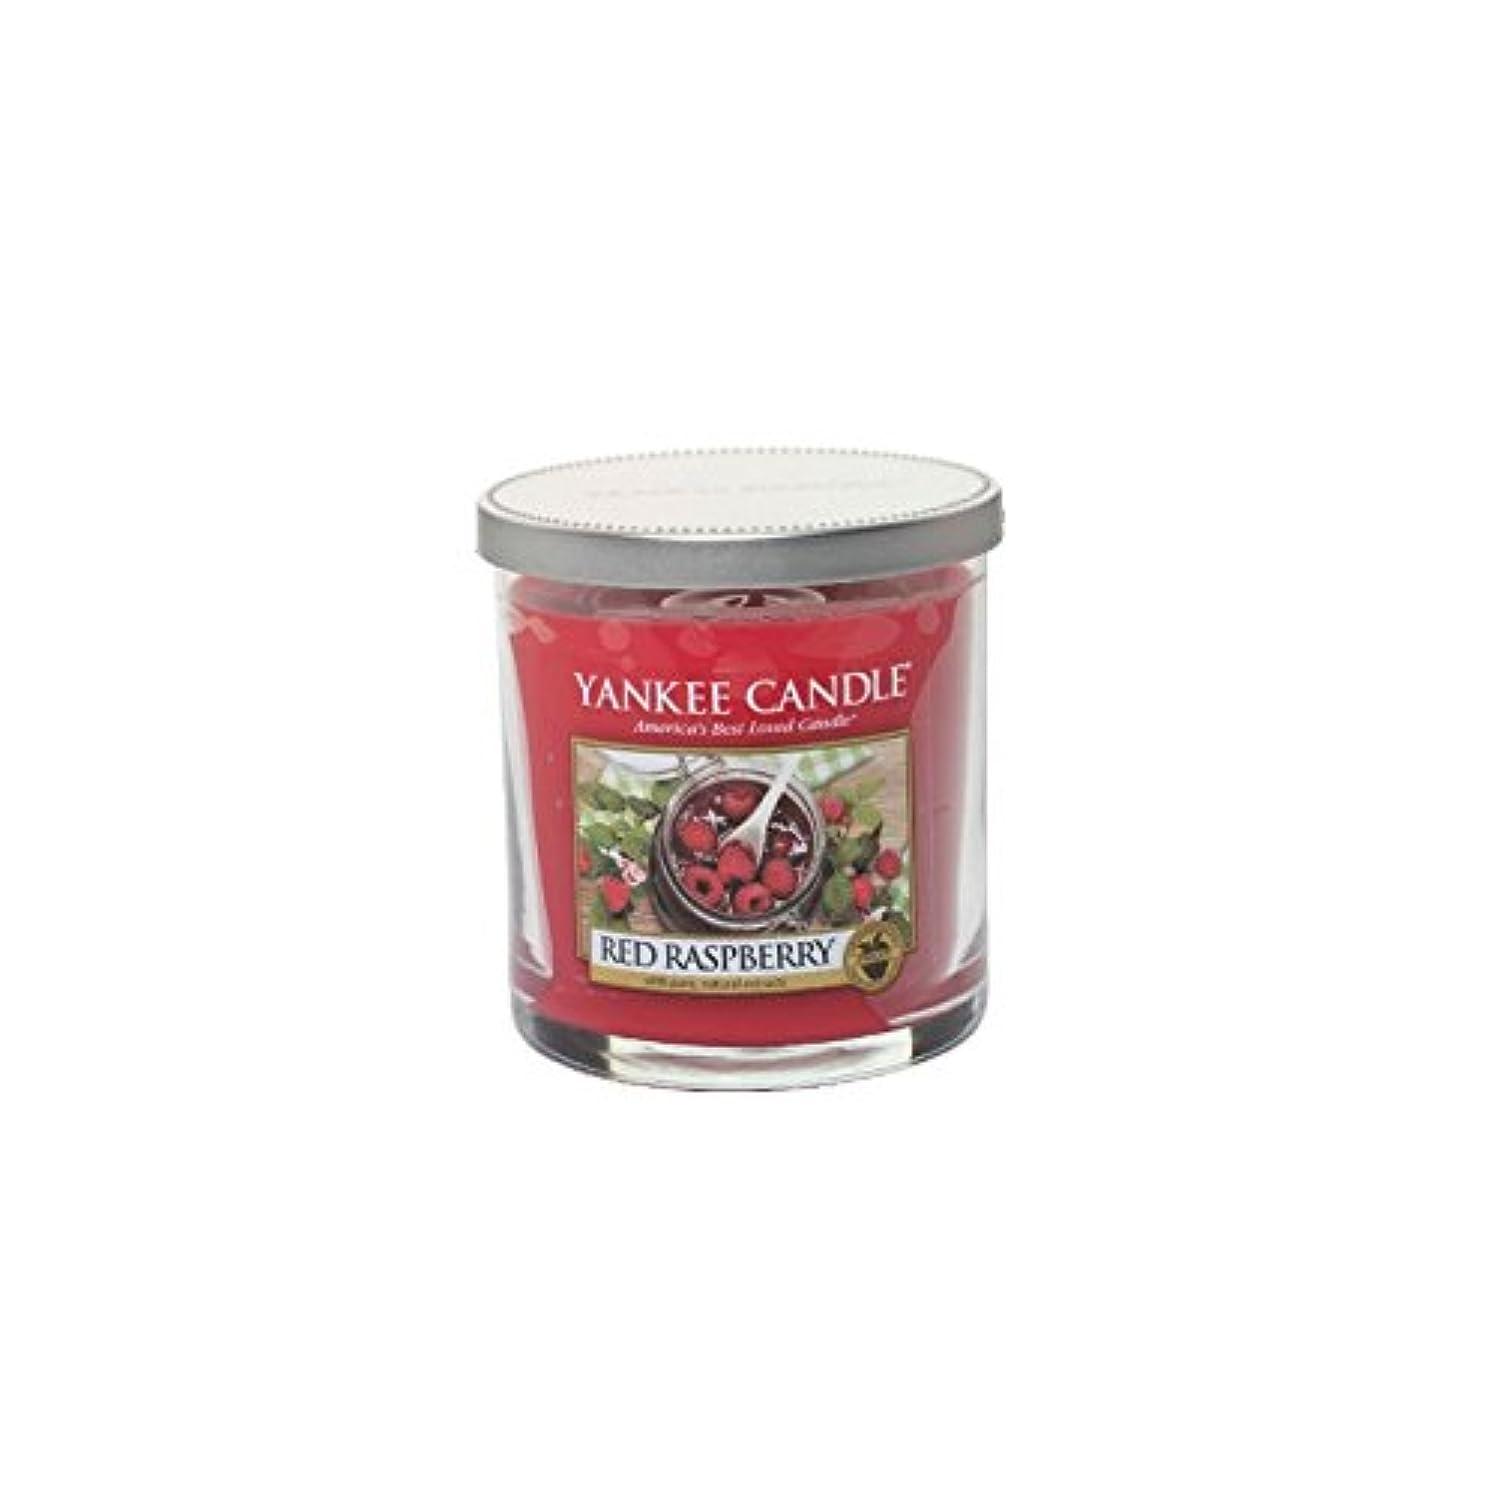 些細な乳白促すヤンキーキャンドルの小さな柱キャンドル - レッドラズベリー - Yankee Candles Small Pillar Candle - Red Raspberry (Yankee Candles) [並行輸入品]